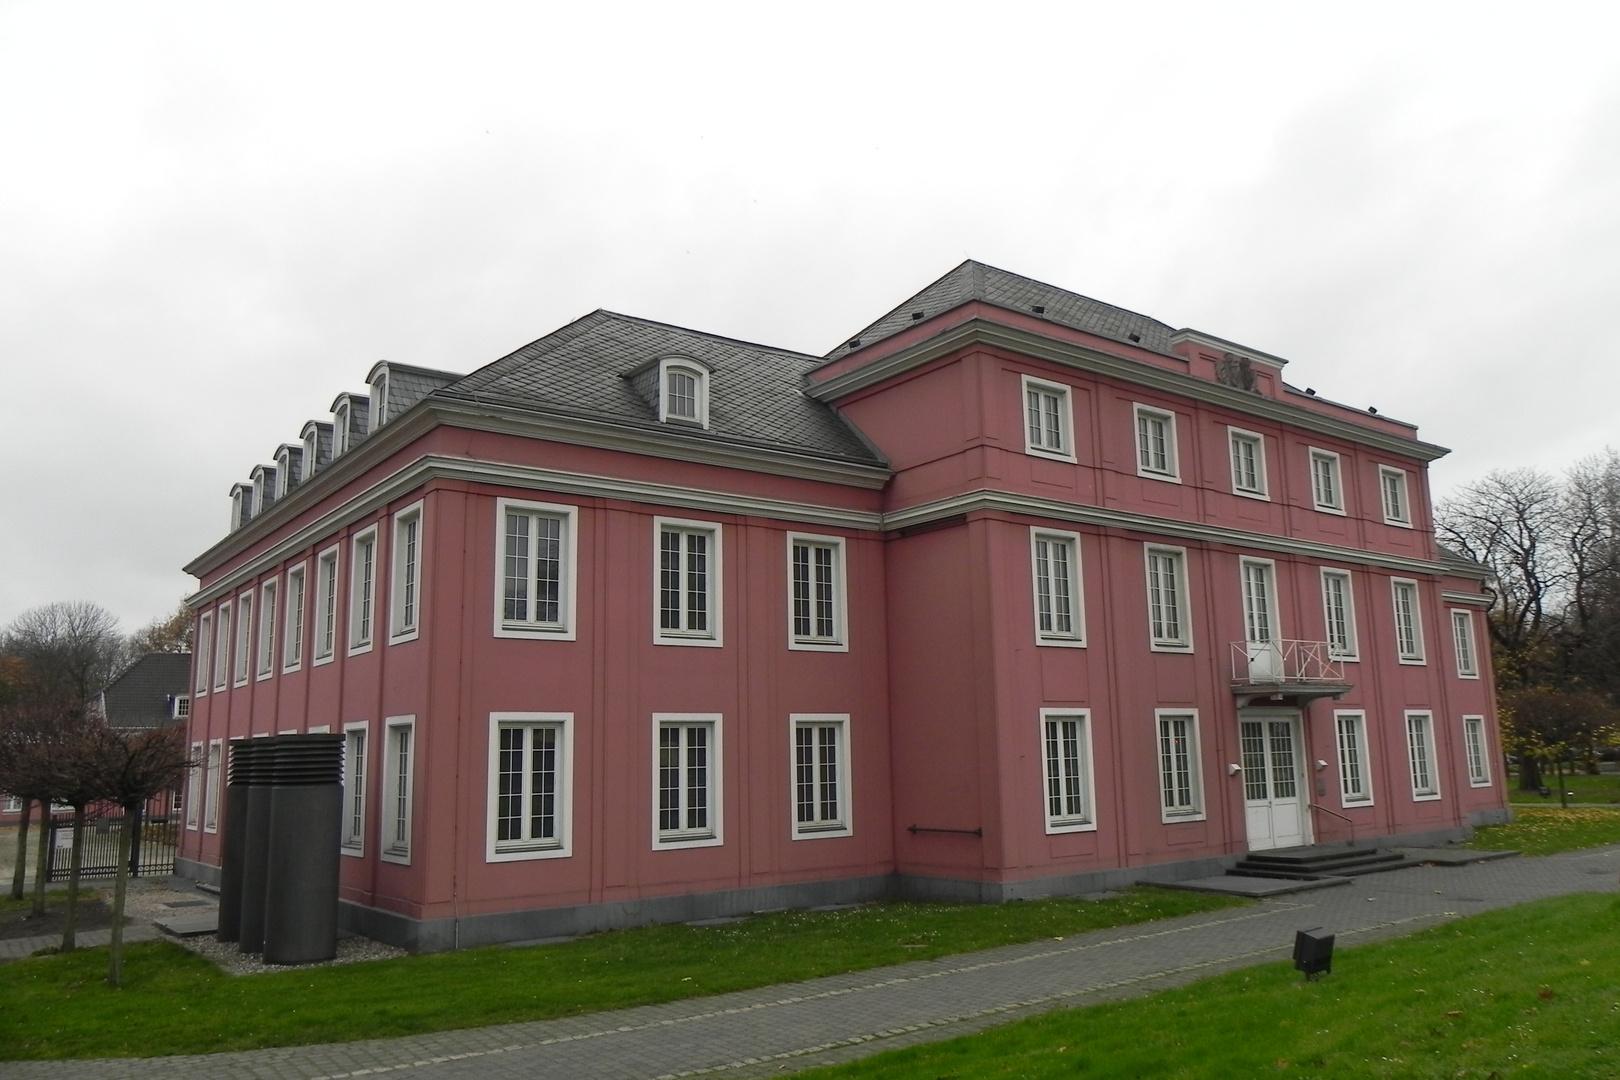 Schloss Oberhausen - November 2011